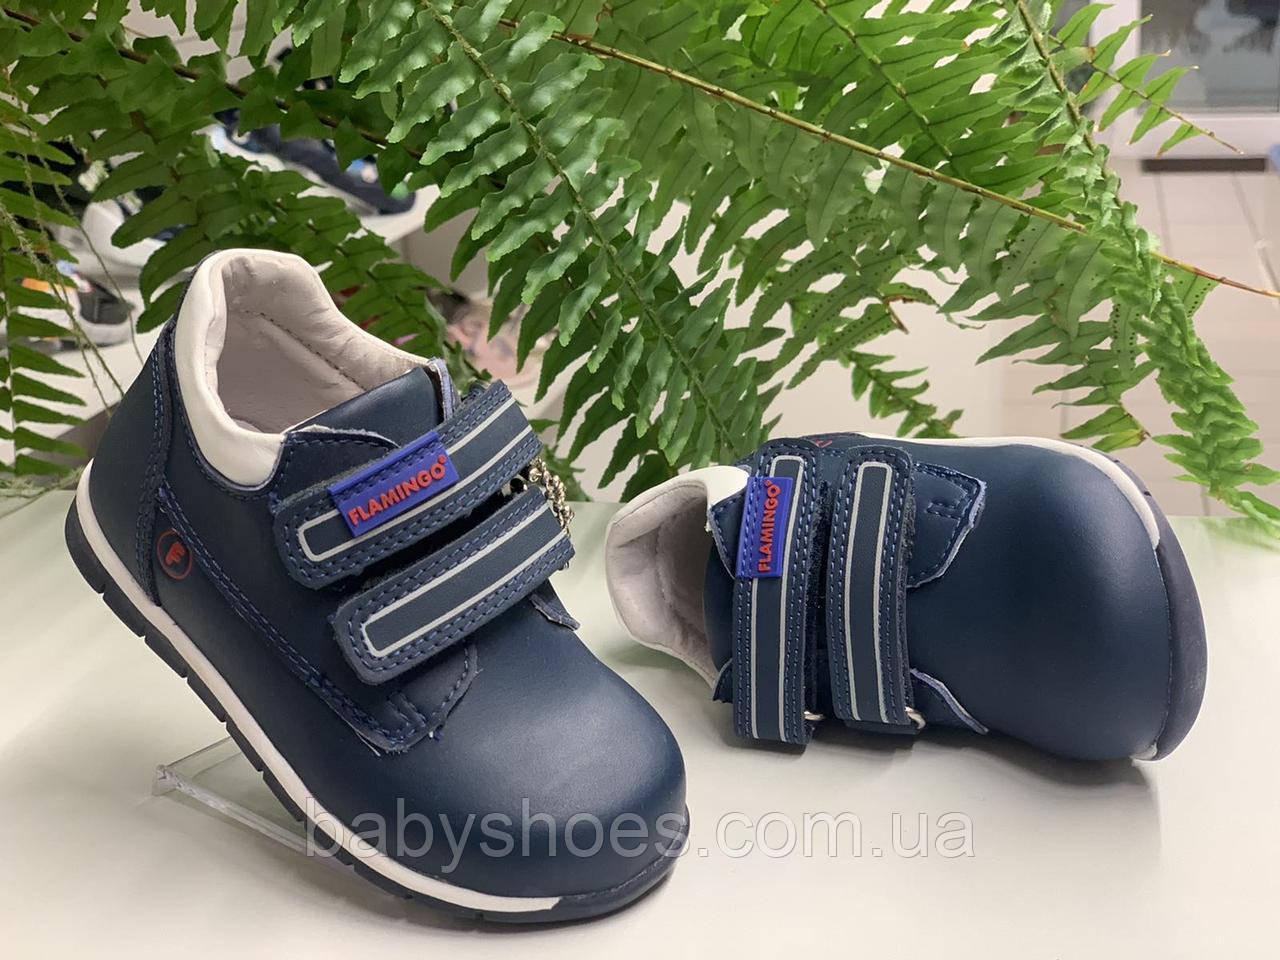 Кожаные ботинки для мальчика,Flamingo,р.23, FM-4